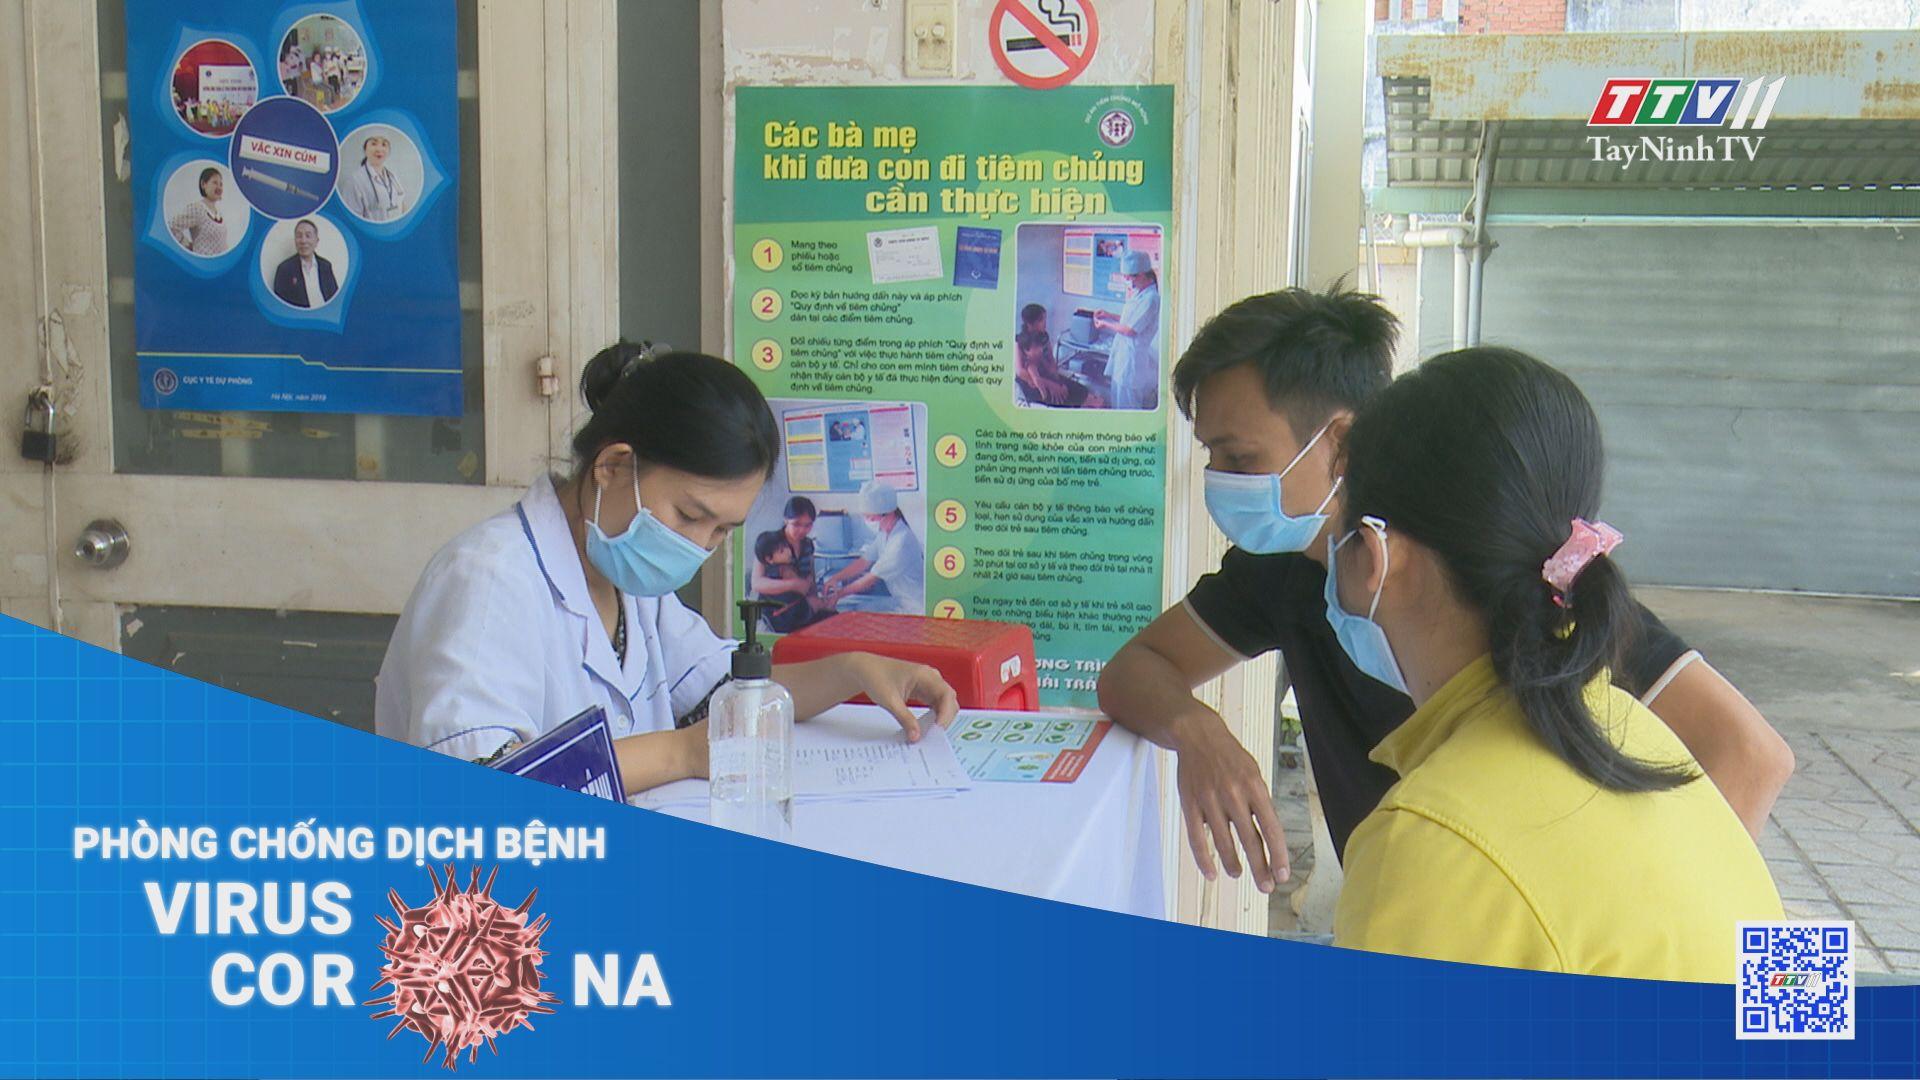 Ứng phó với 4 nguy cơ phát sinh dịch trong cộng đồng | THÔNG TIN DỊCH CÚM COVID-19 | TayNinhTV